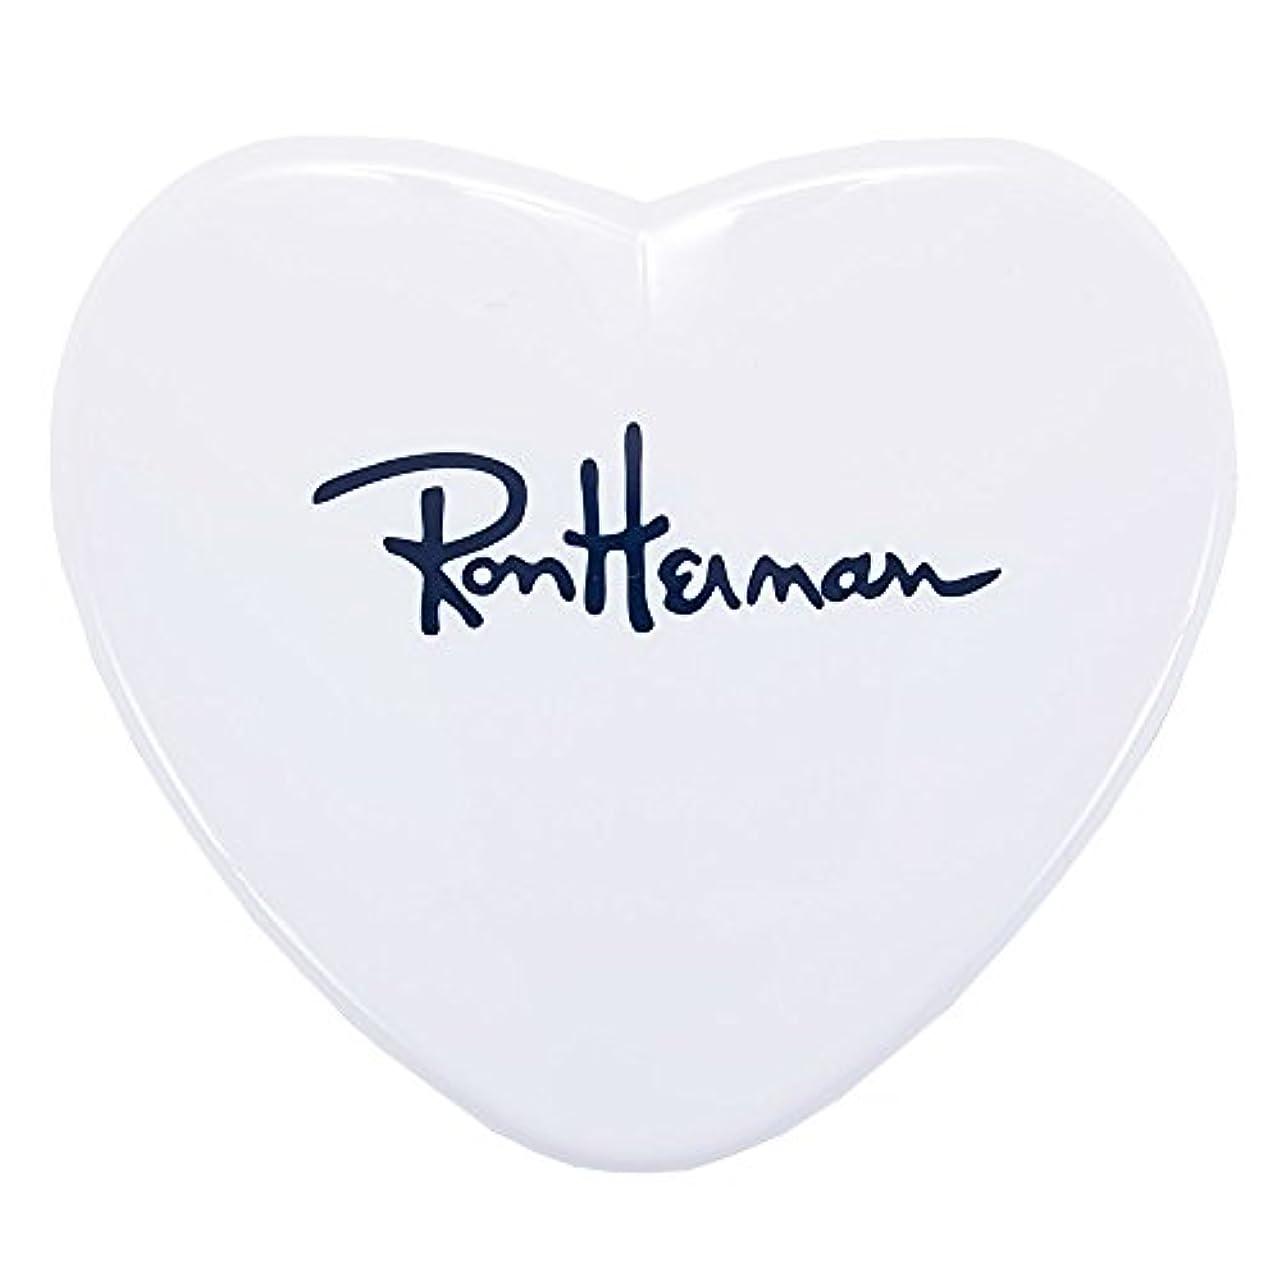 施設定義ダウンタウンロンハーマン Ron Herman RH ミラー 鏡 手鏡 ハート型ミラー HEART MILLER